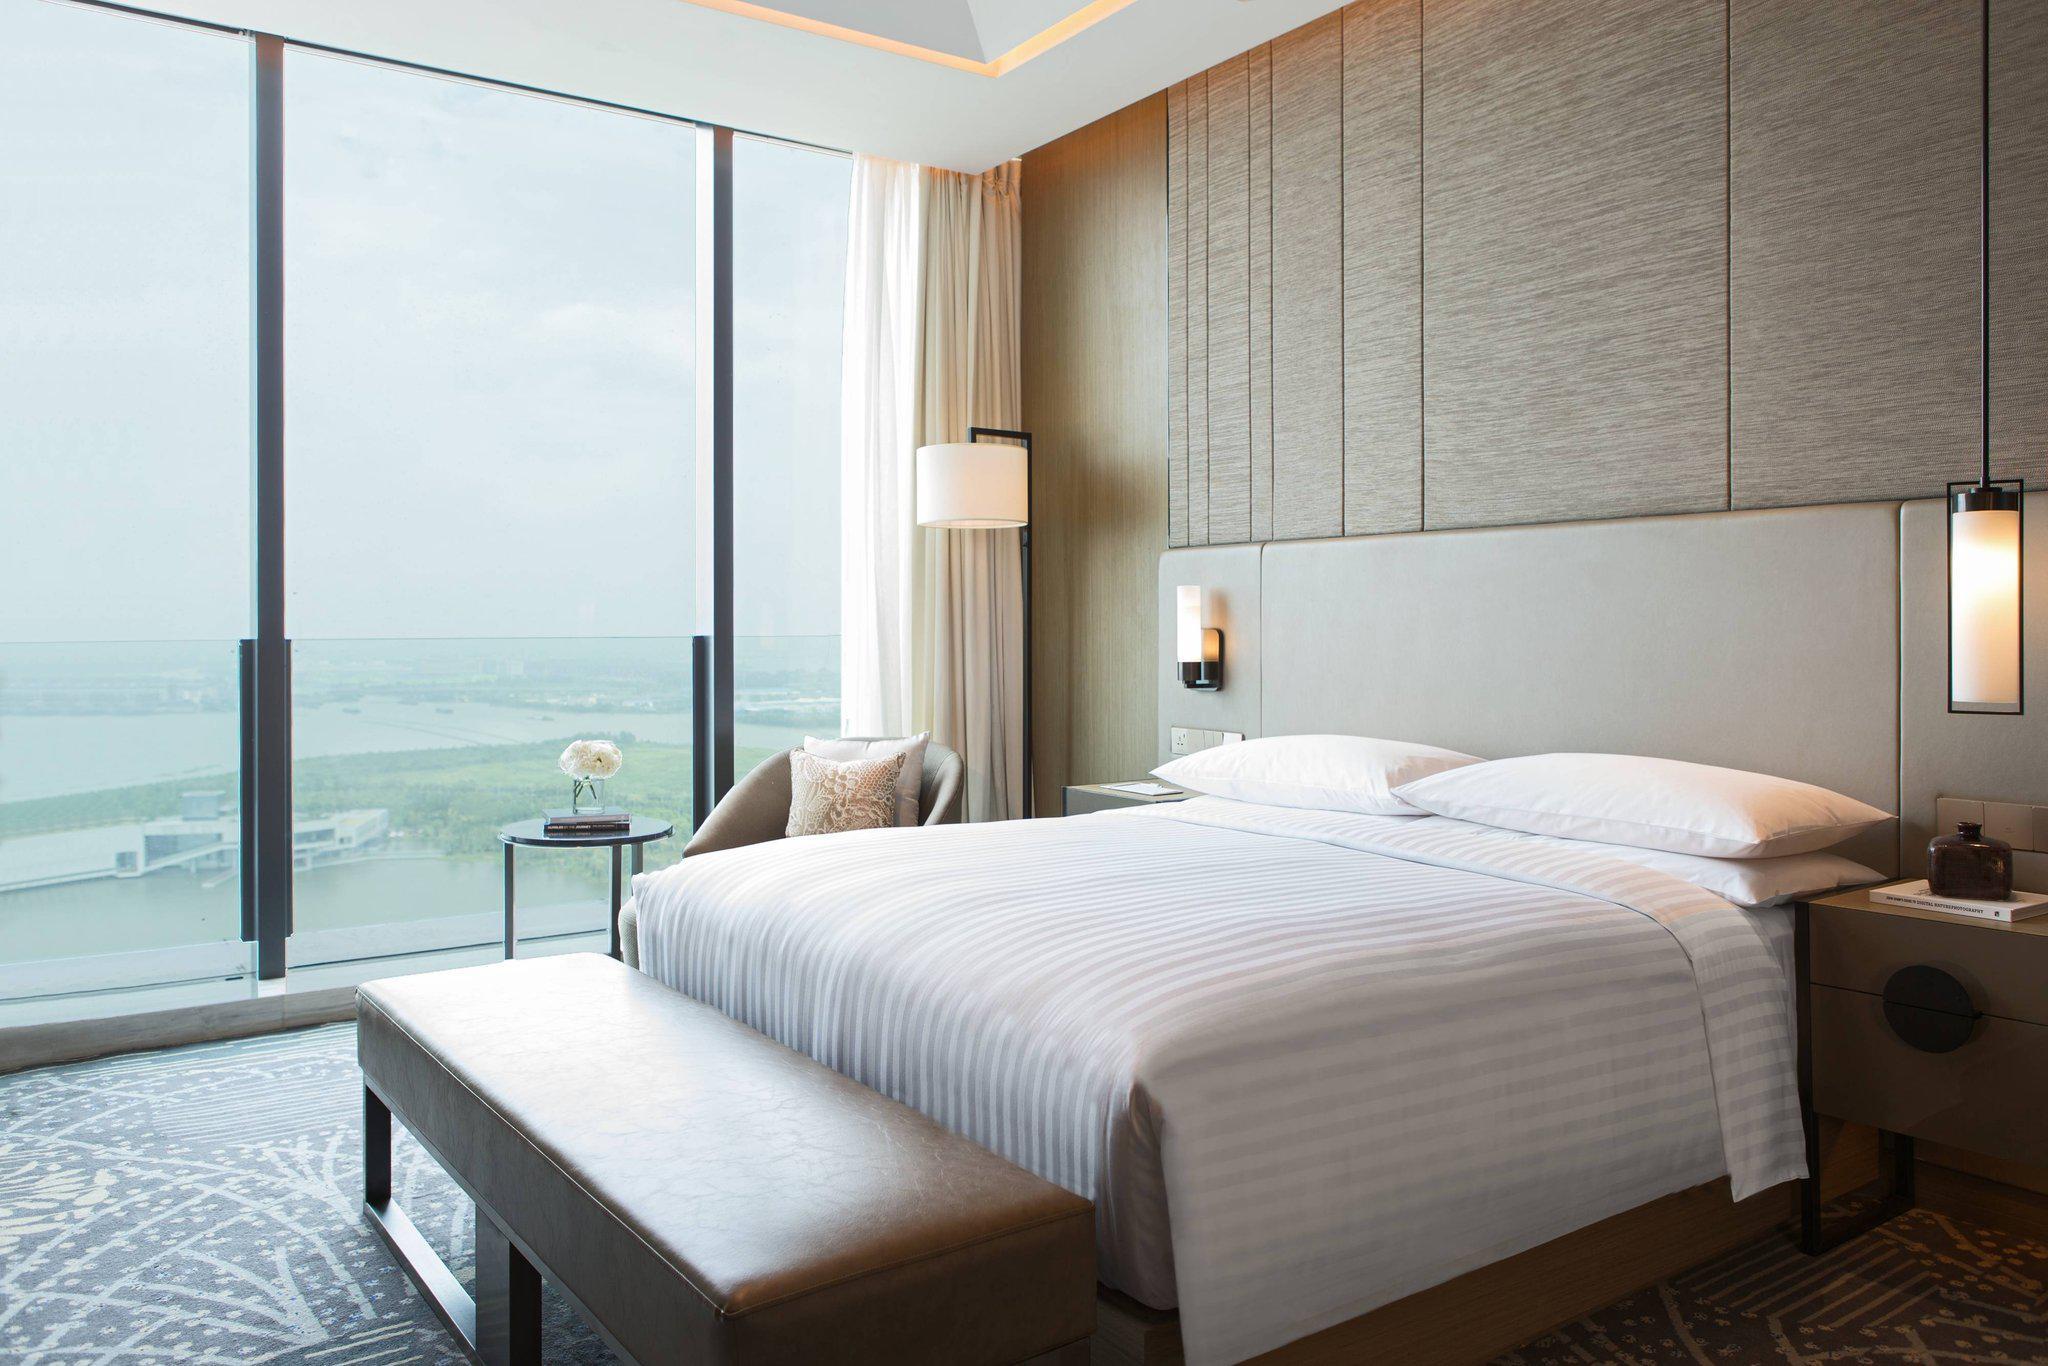 Renaissance Suzhou Wujiang Hotel